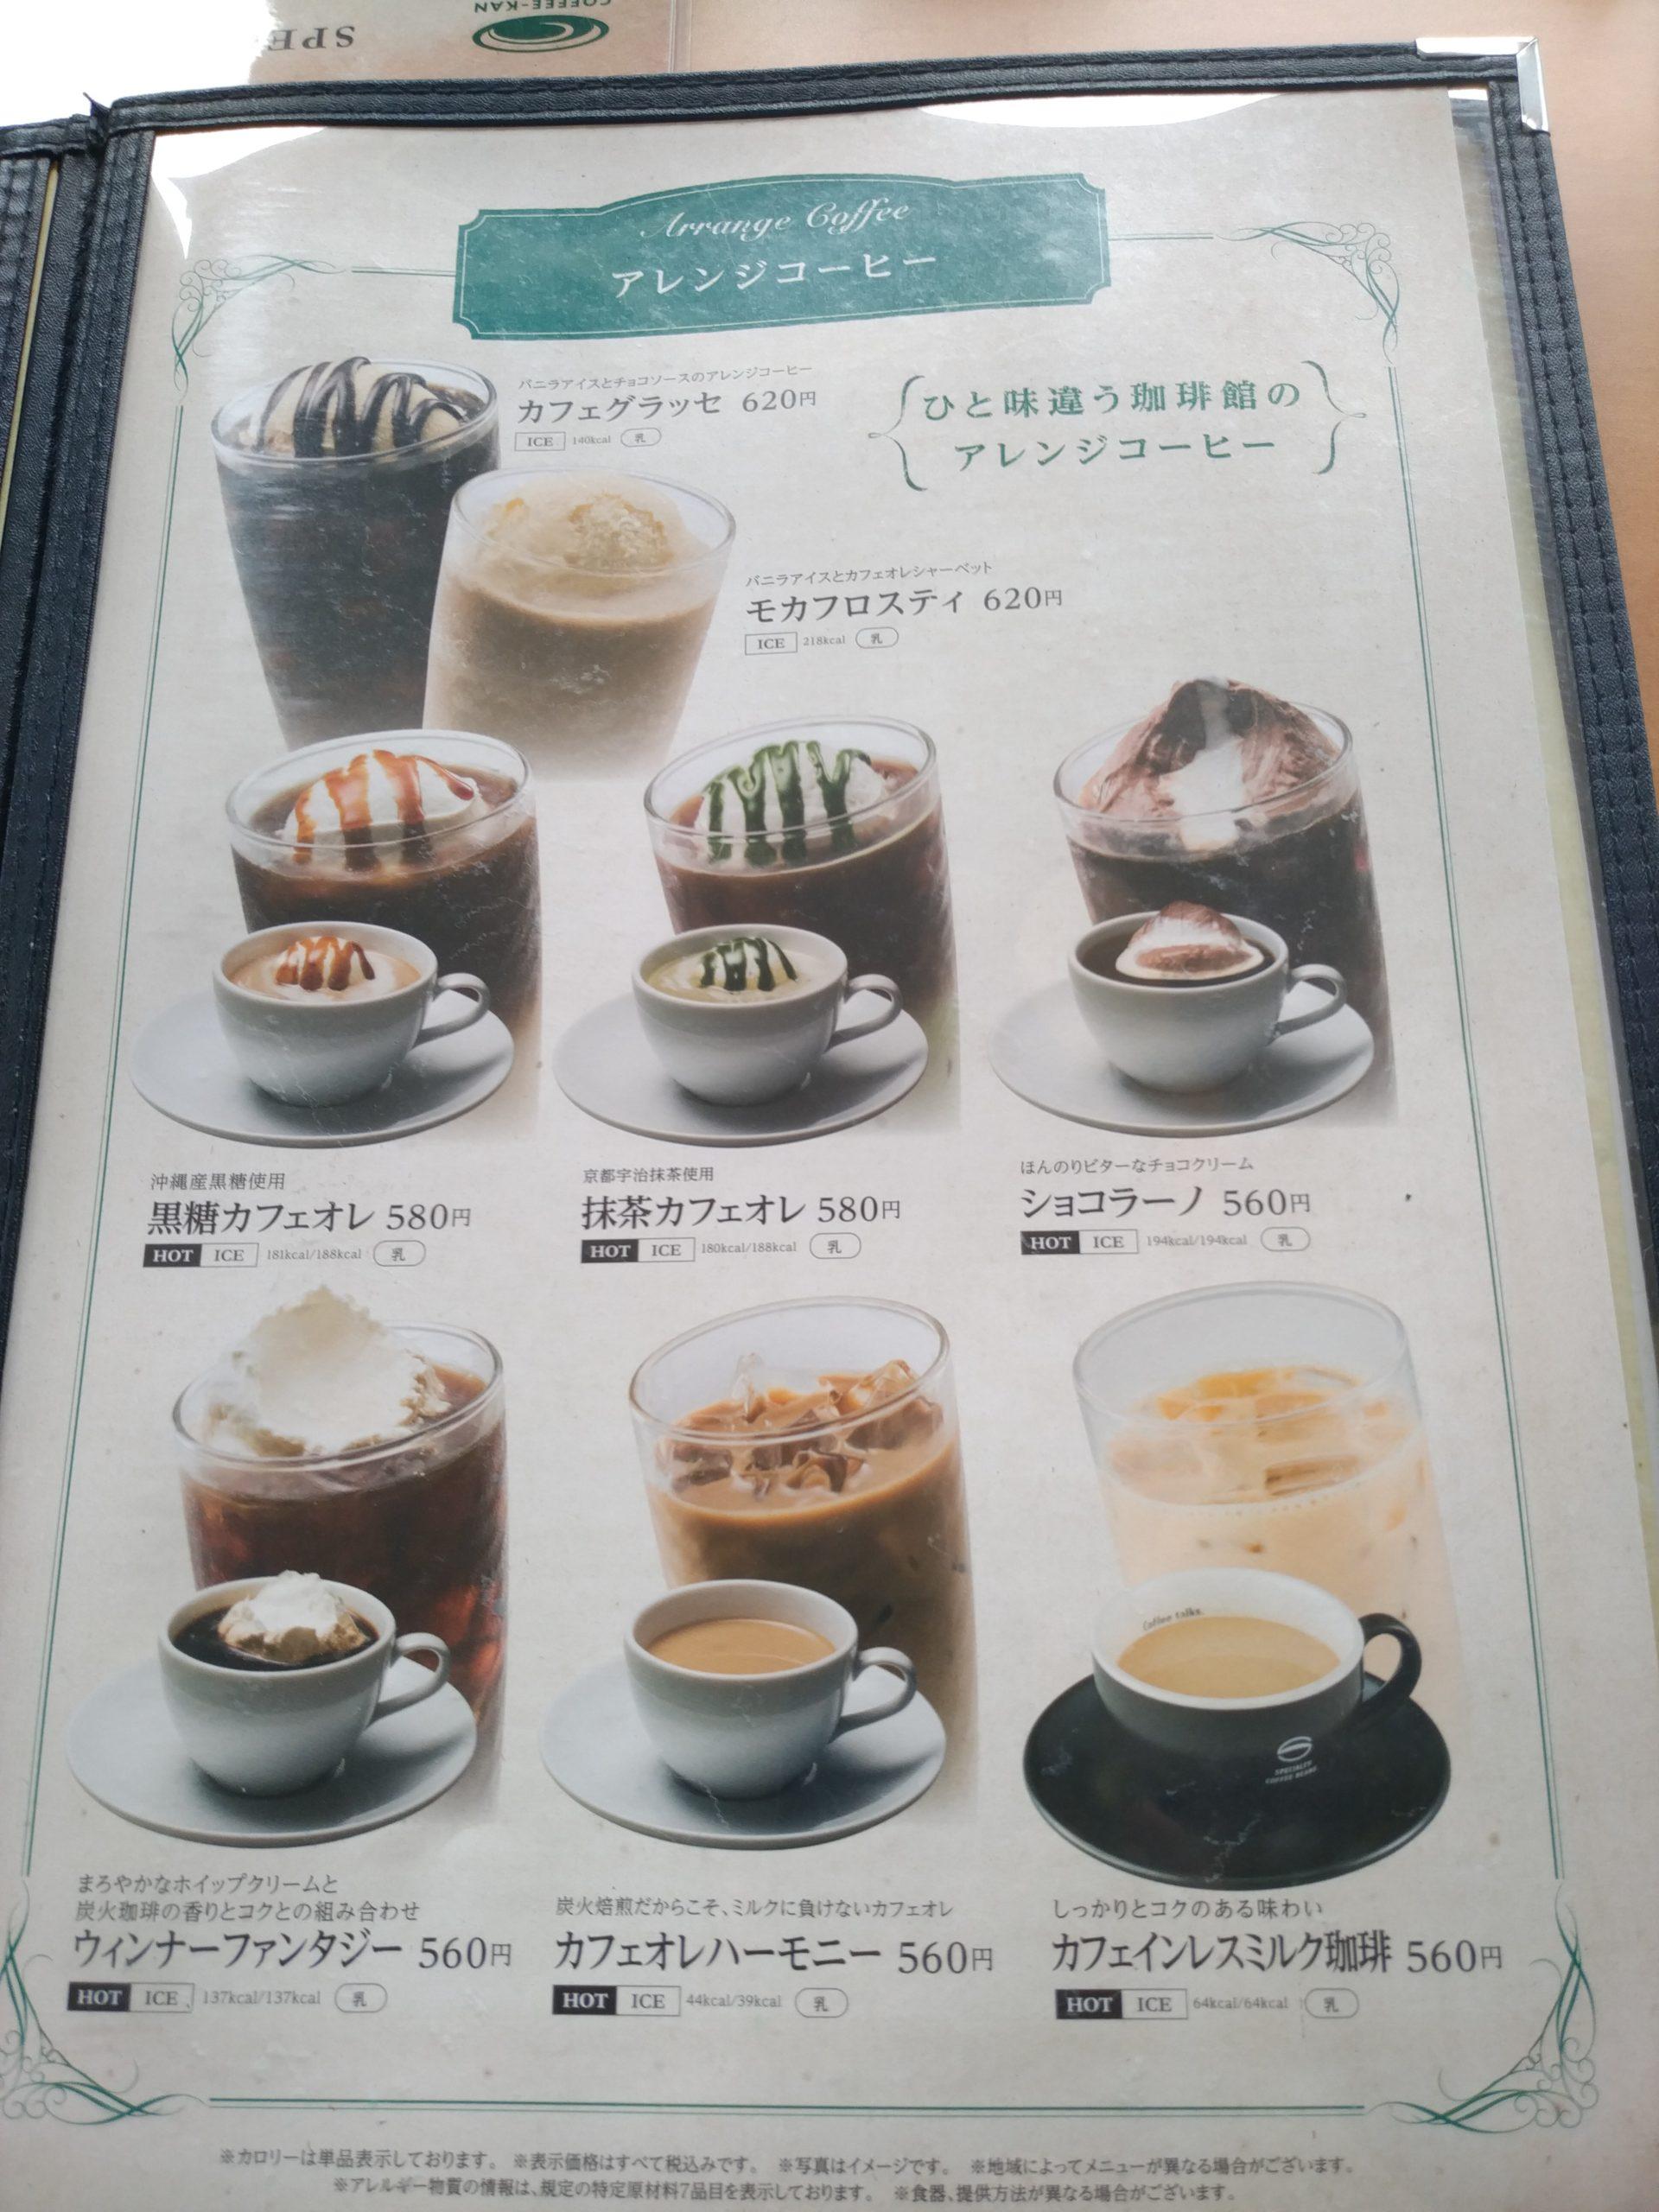 厚切りシナモントースト 珈琲館 アレンジコーヒー